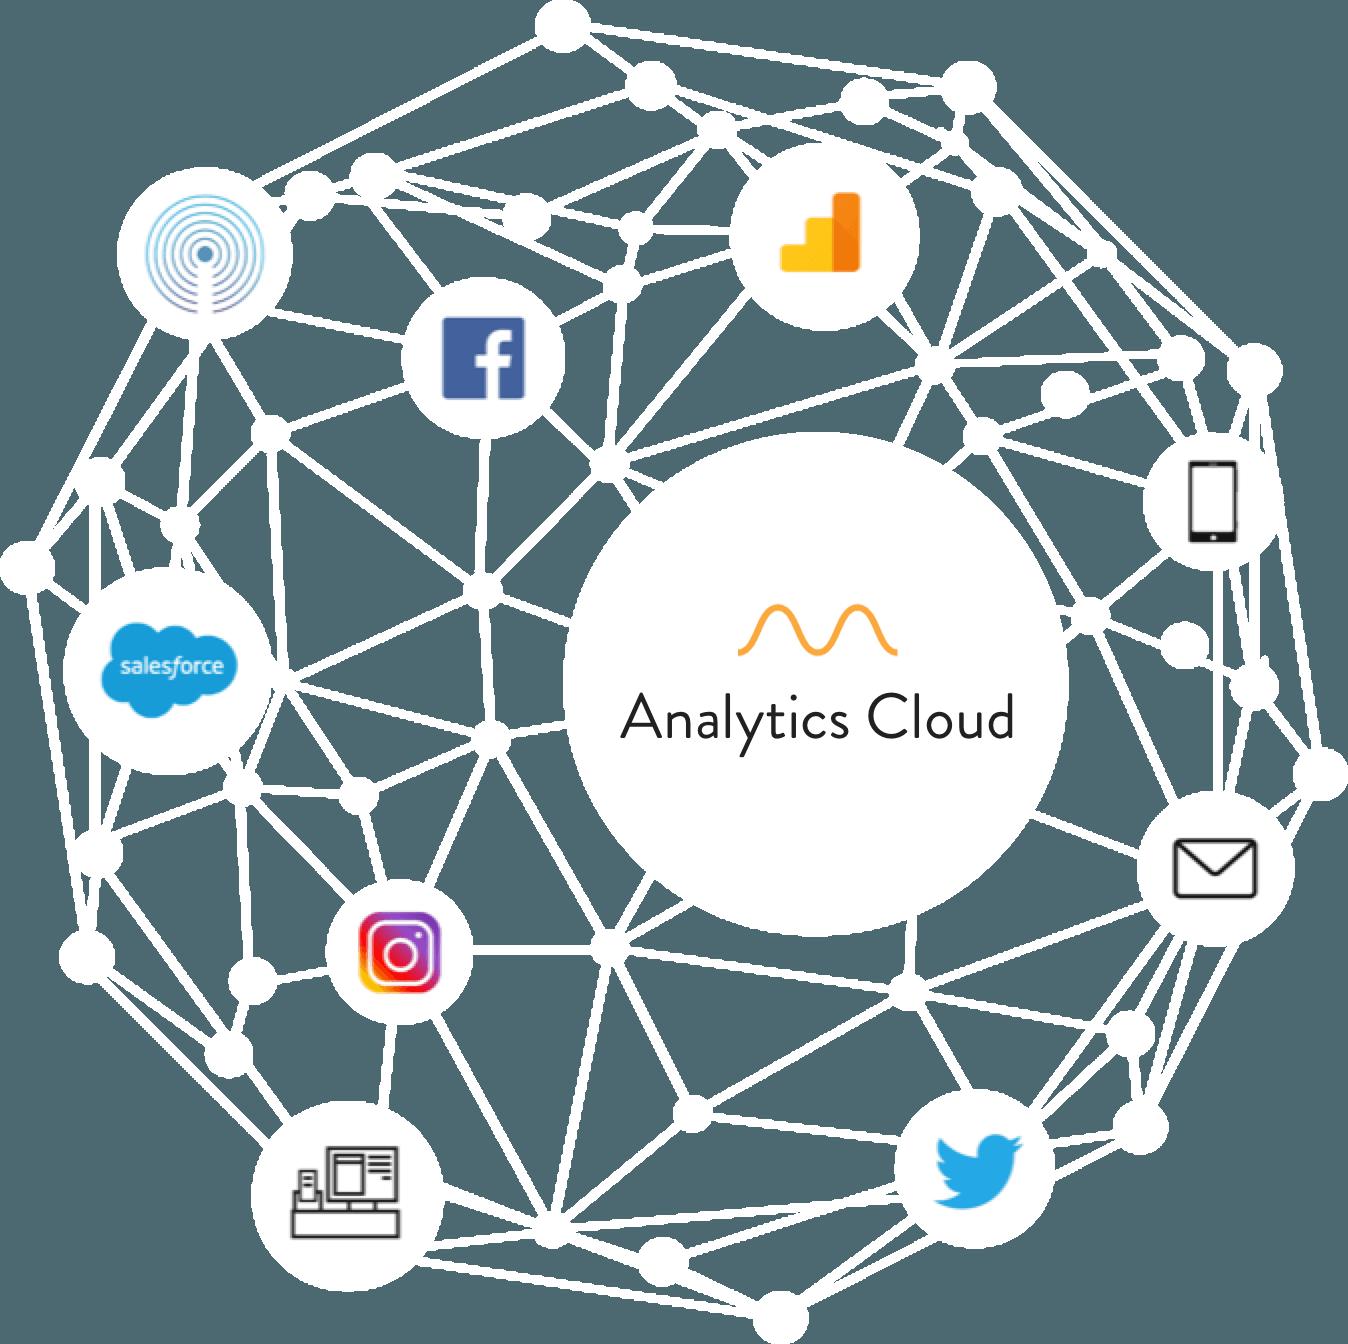 Grafik von Tools und Webanwendungen